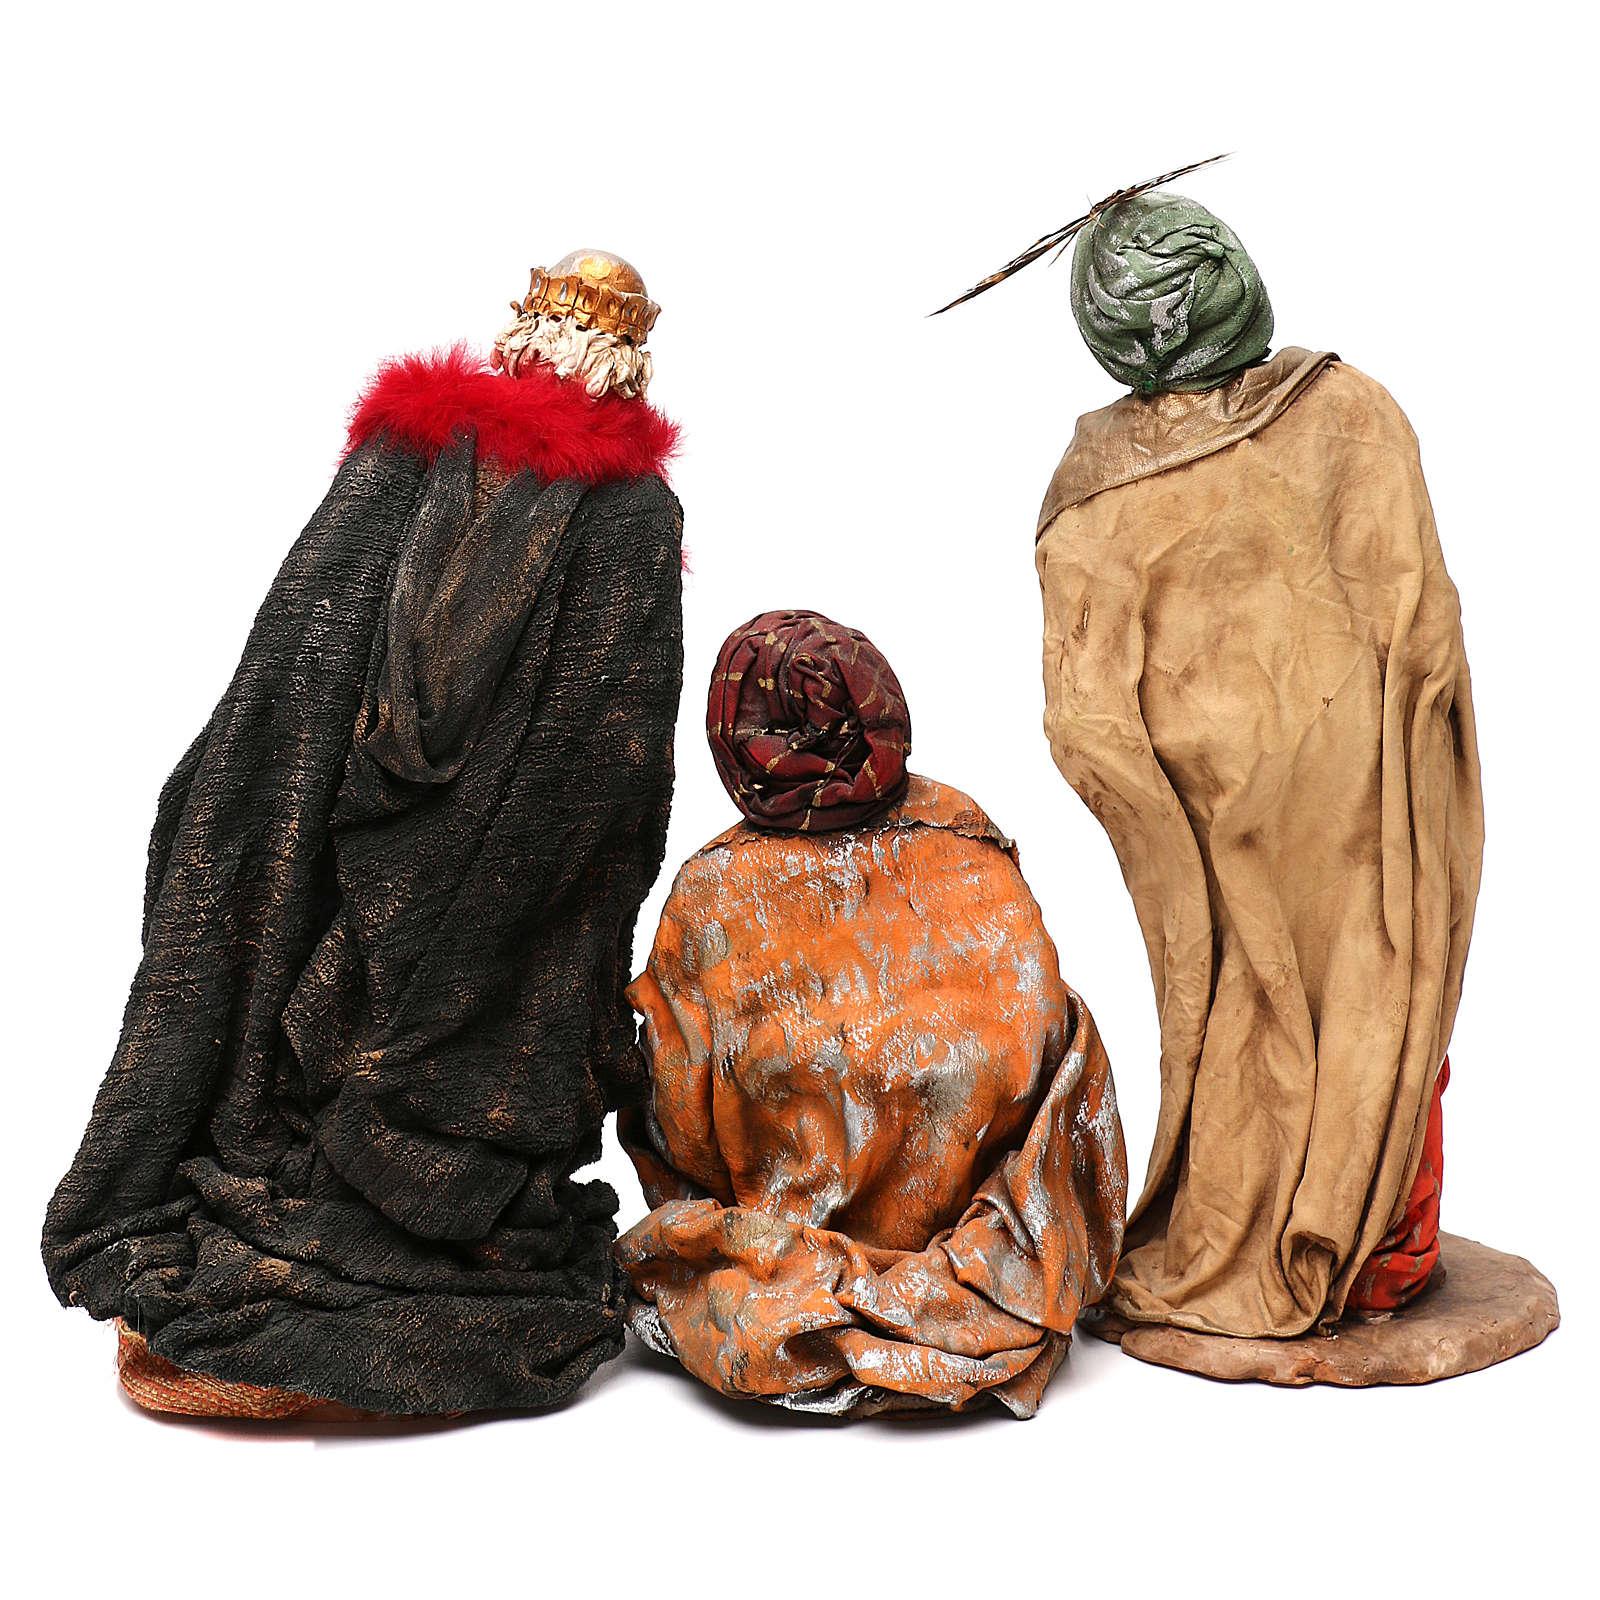 STOCK Serie Reyes Magos vestidos extra de terracota cm 35 belén napolitano 4